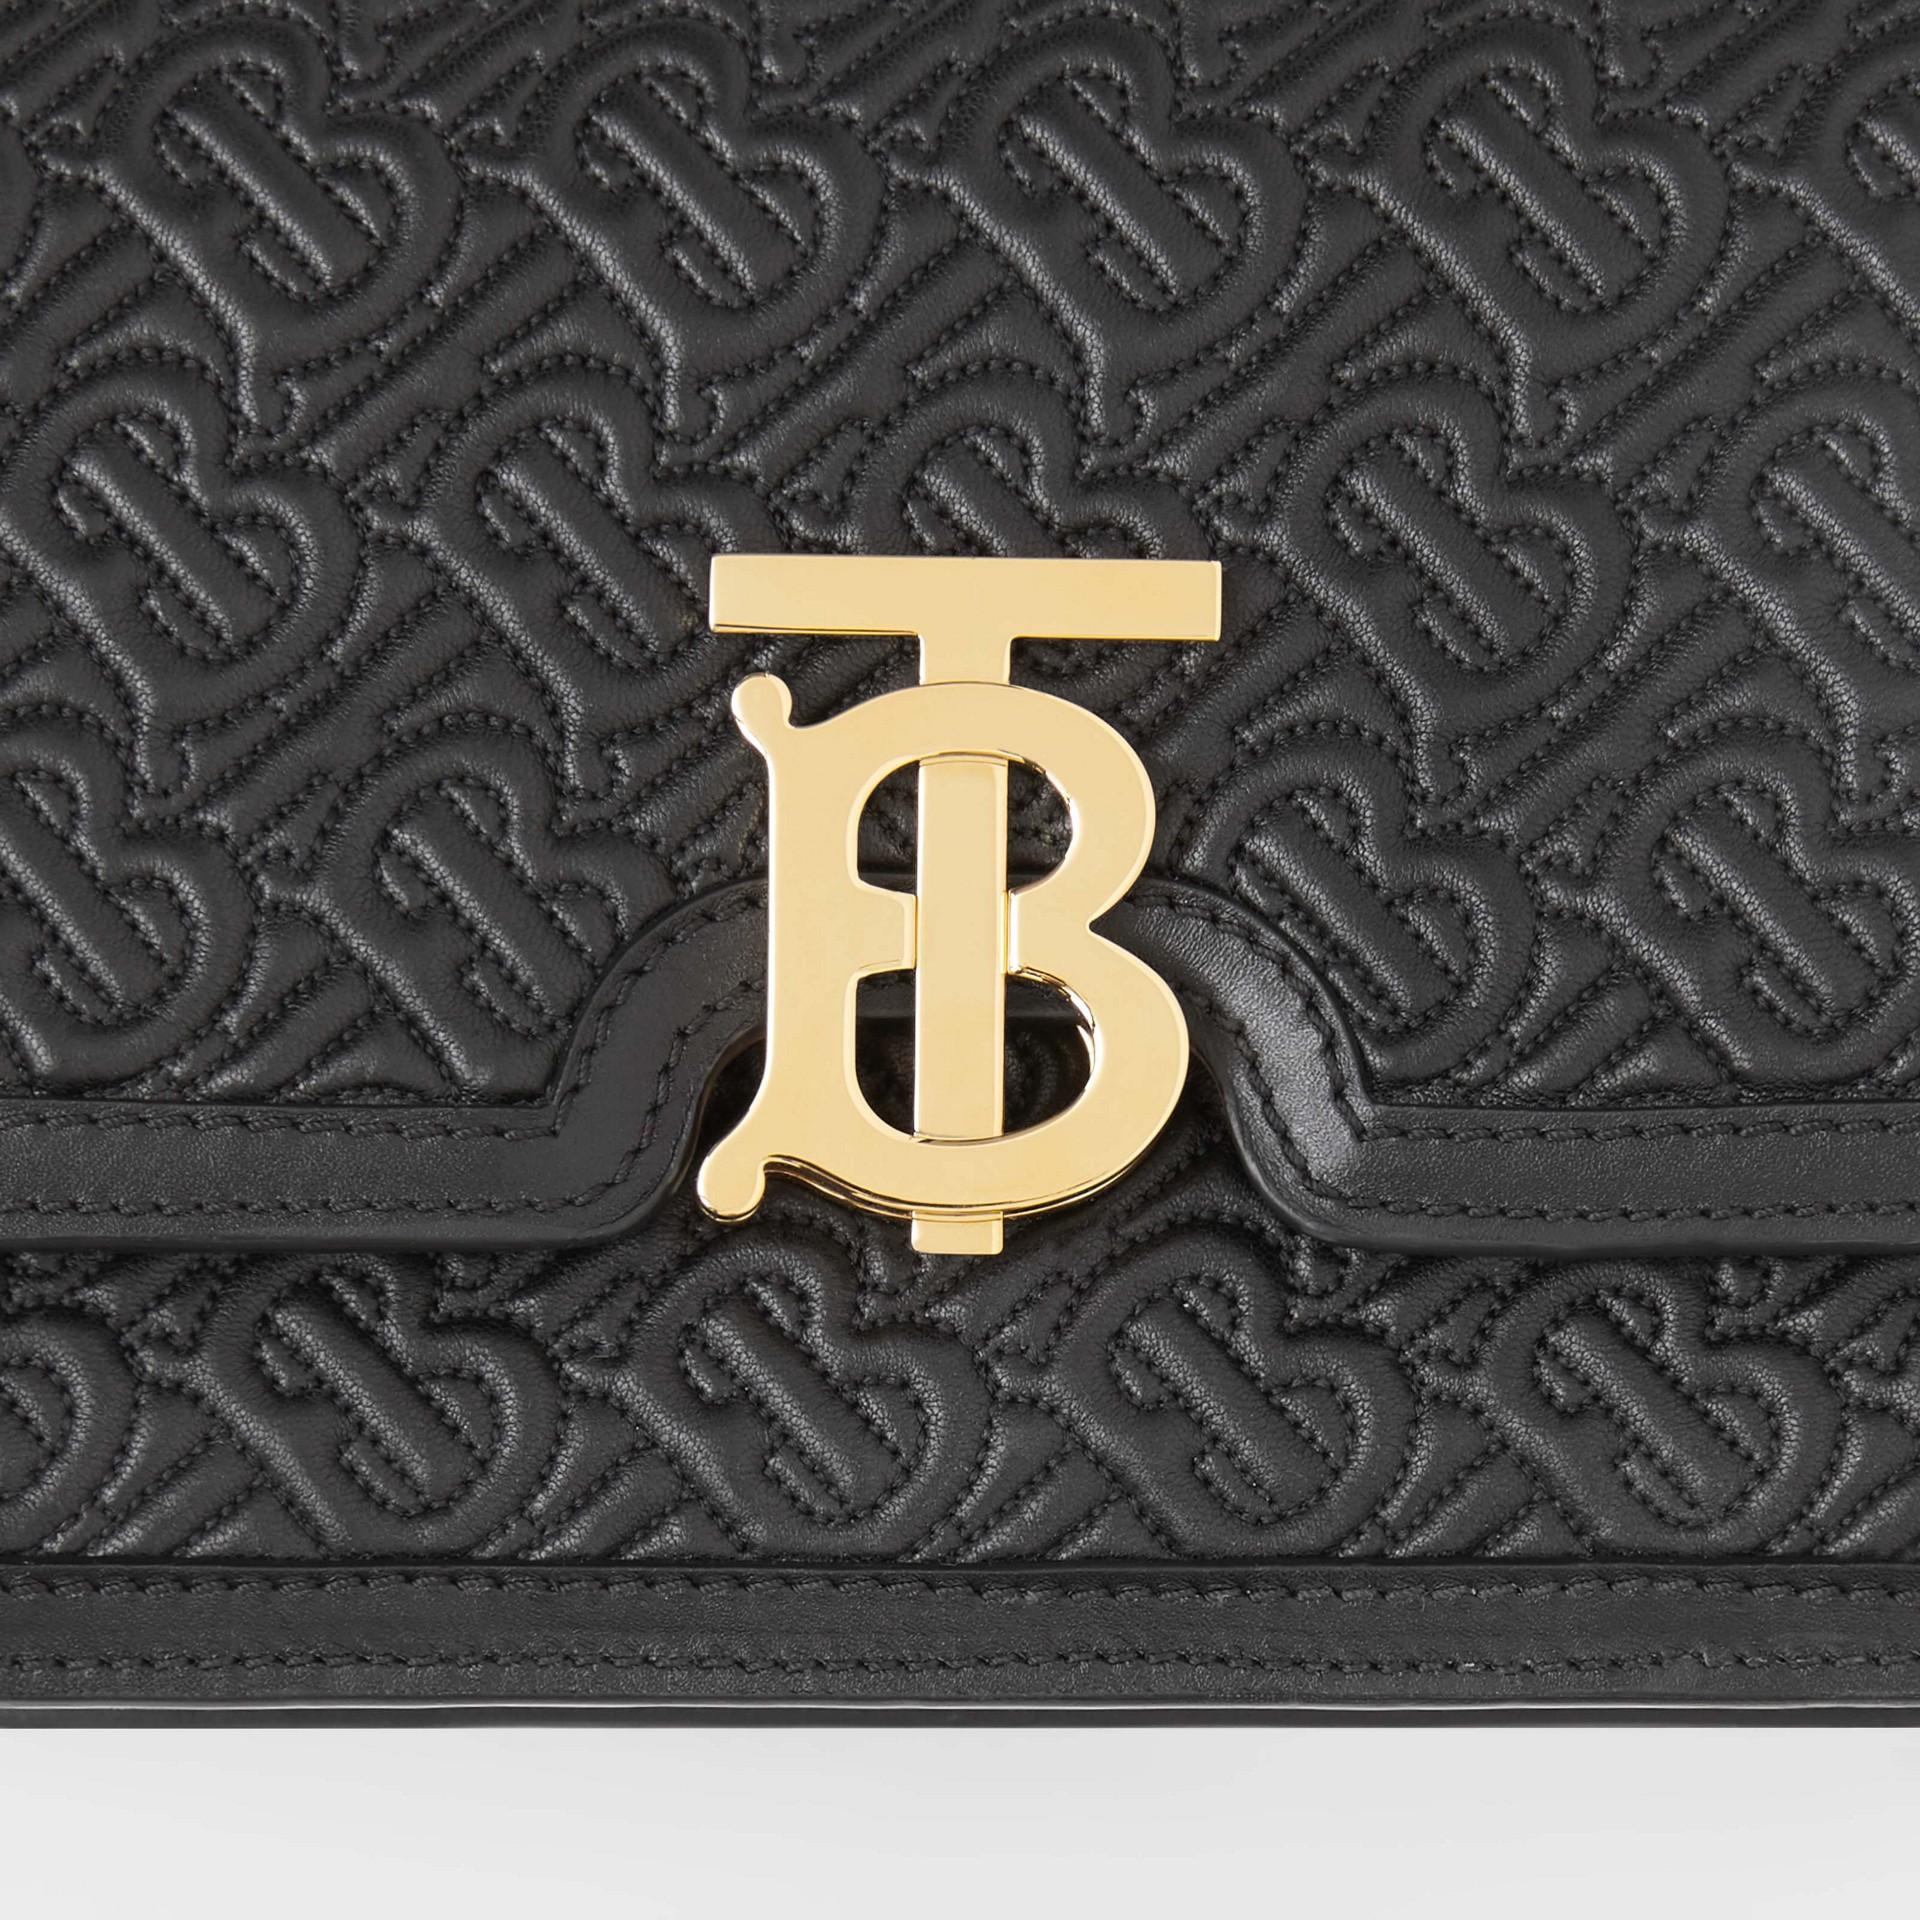 Bolsa TB de couro de cordeiro com monograma - Pequena (Preto) - Mulheres | Burberry - galeria de imagens 1